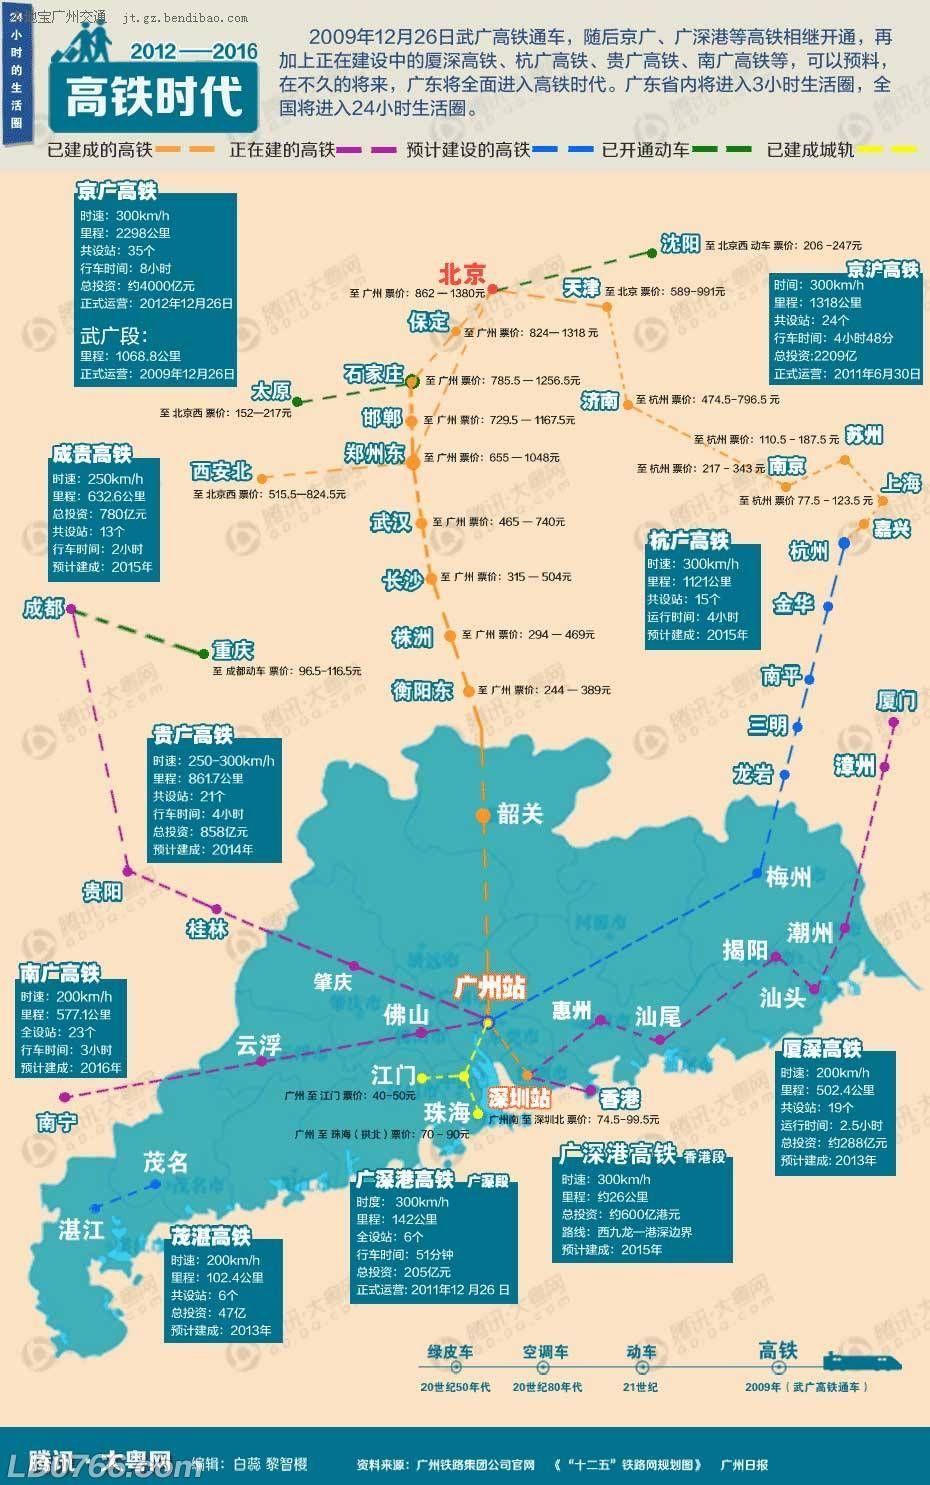 中国2025高铁规划图,罗定十年内难圆高铁梦